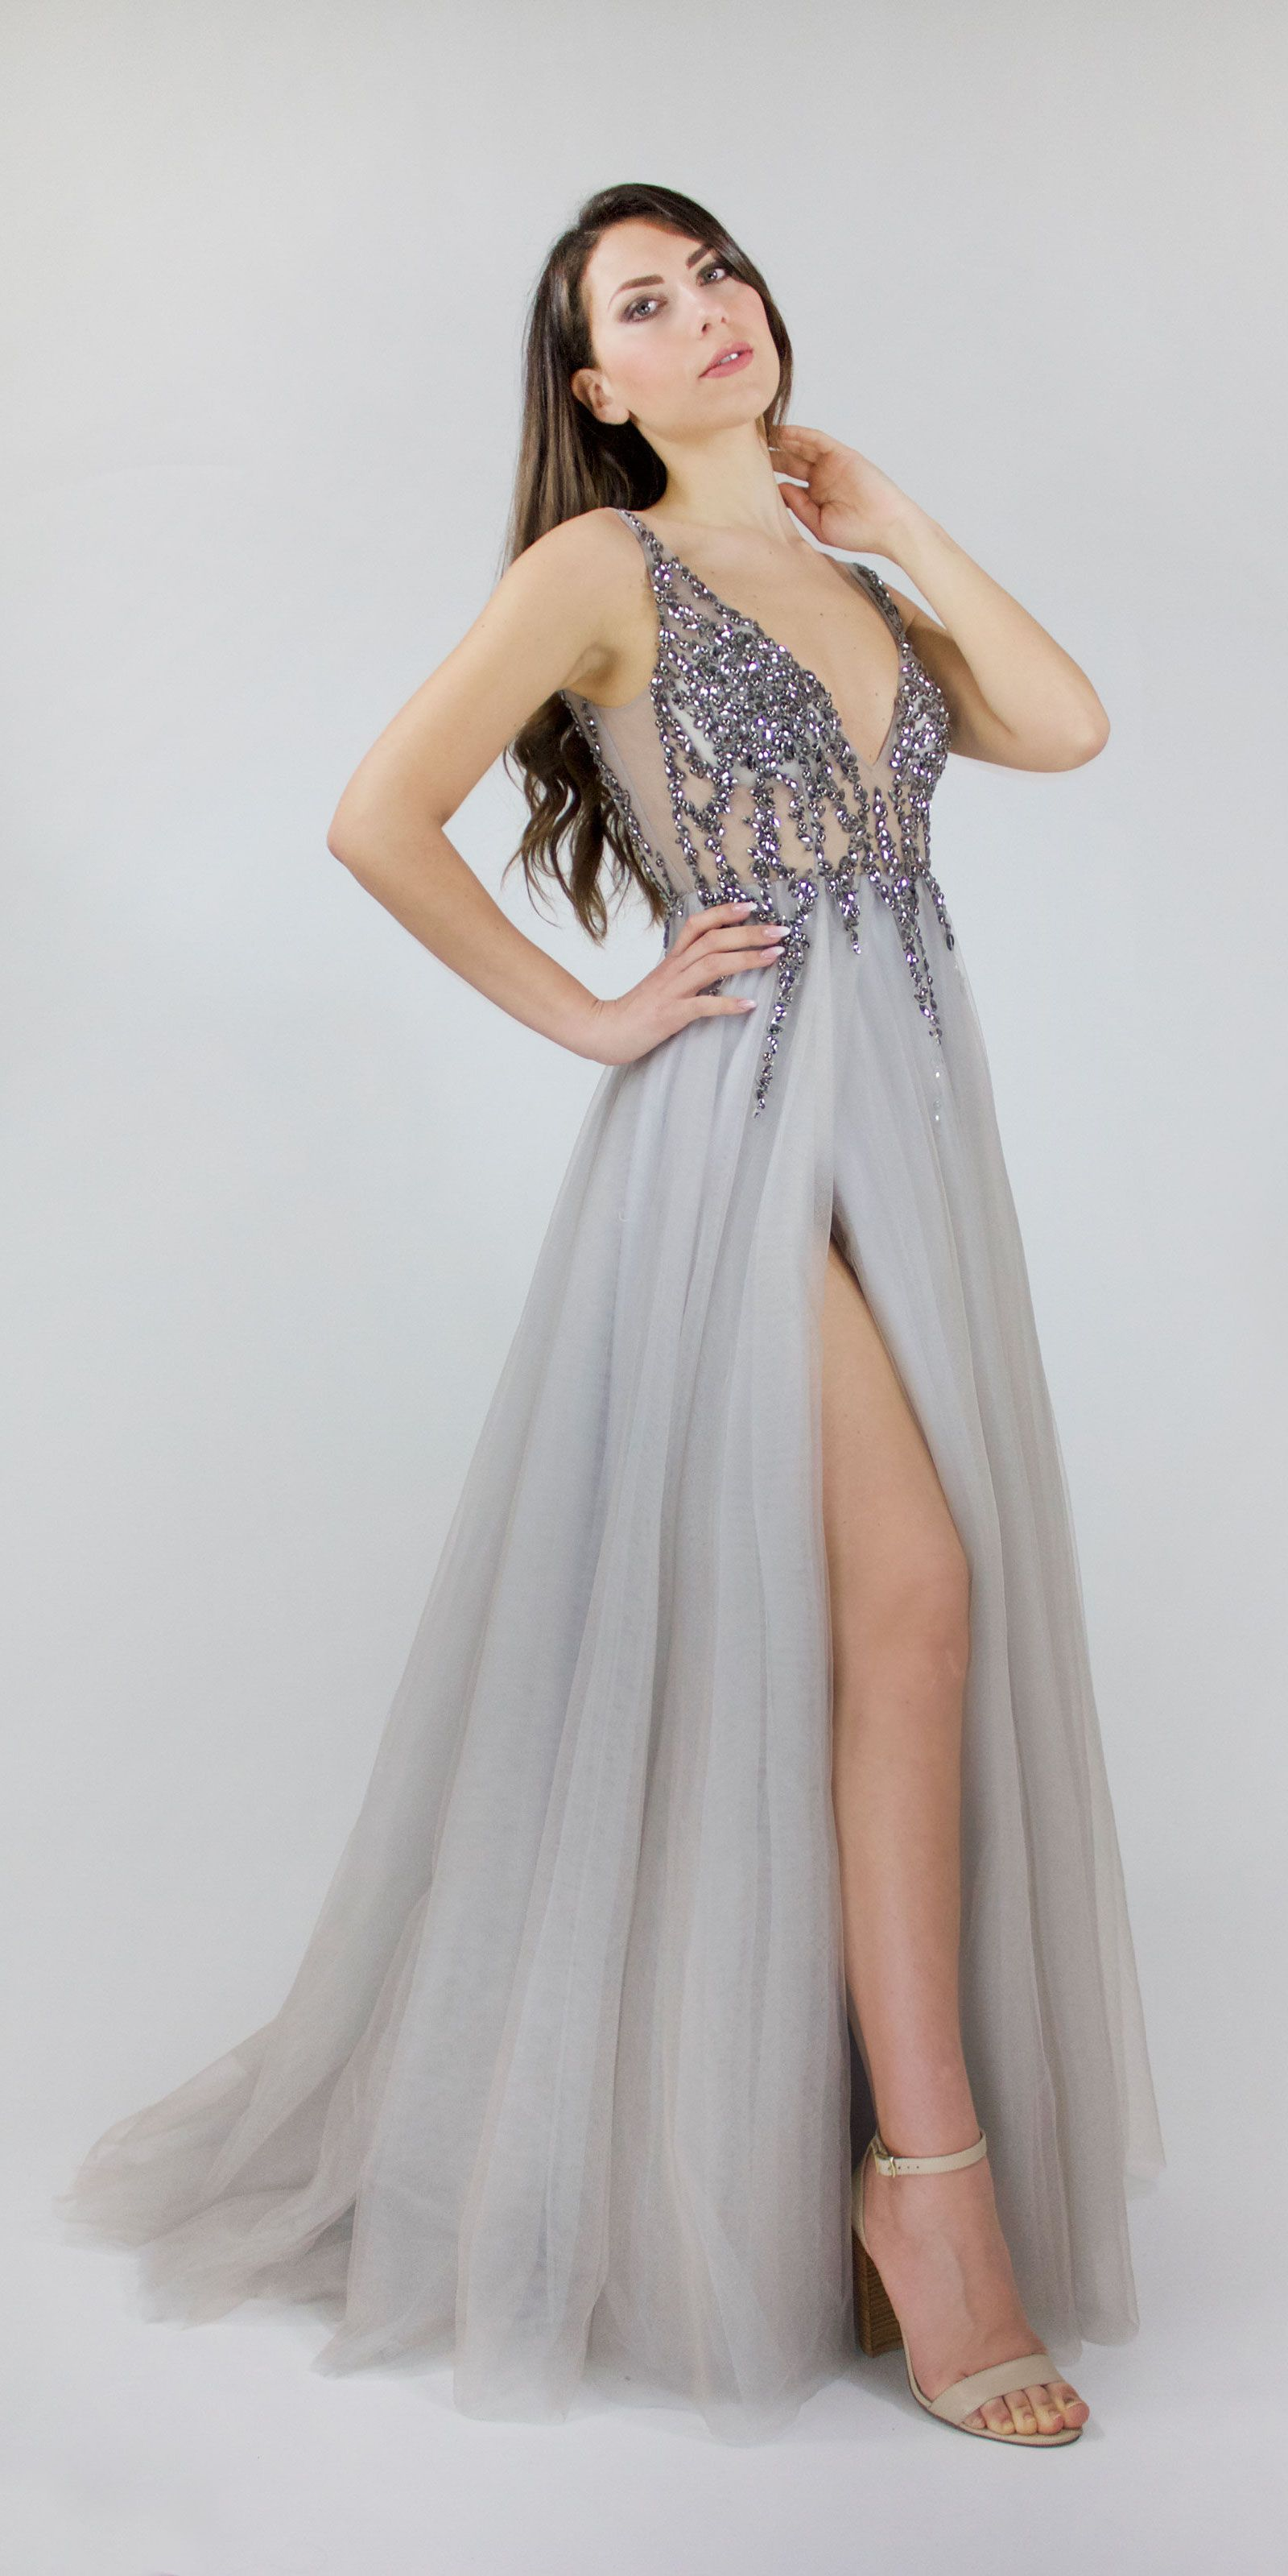 Vestiti Eleganti 18 Anni.Donnafashion Abiti Da Festa Abiti Abiti Da Compleanno